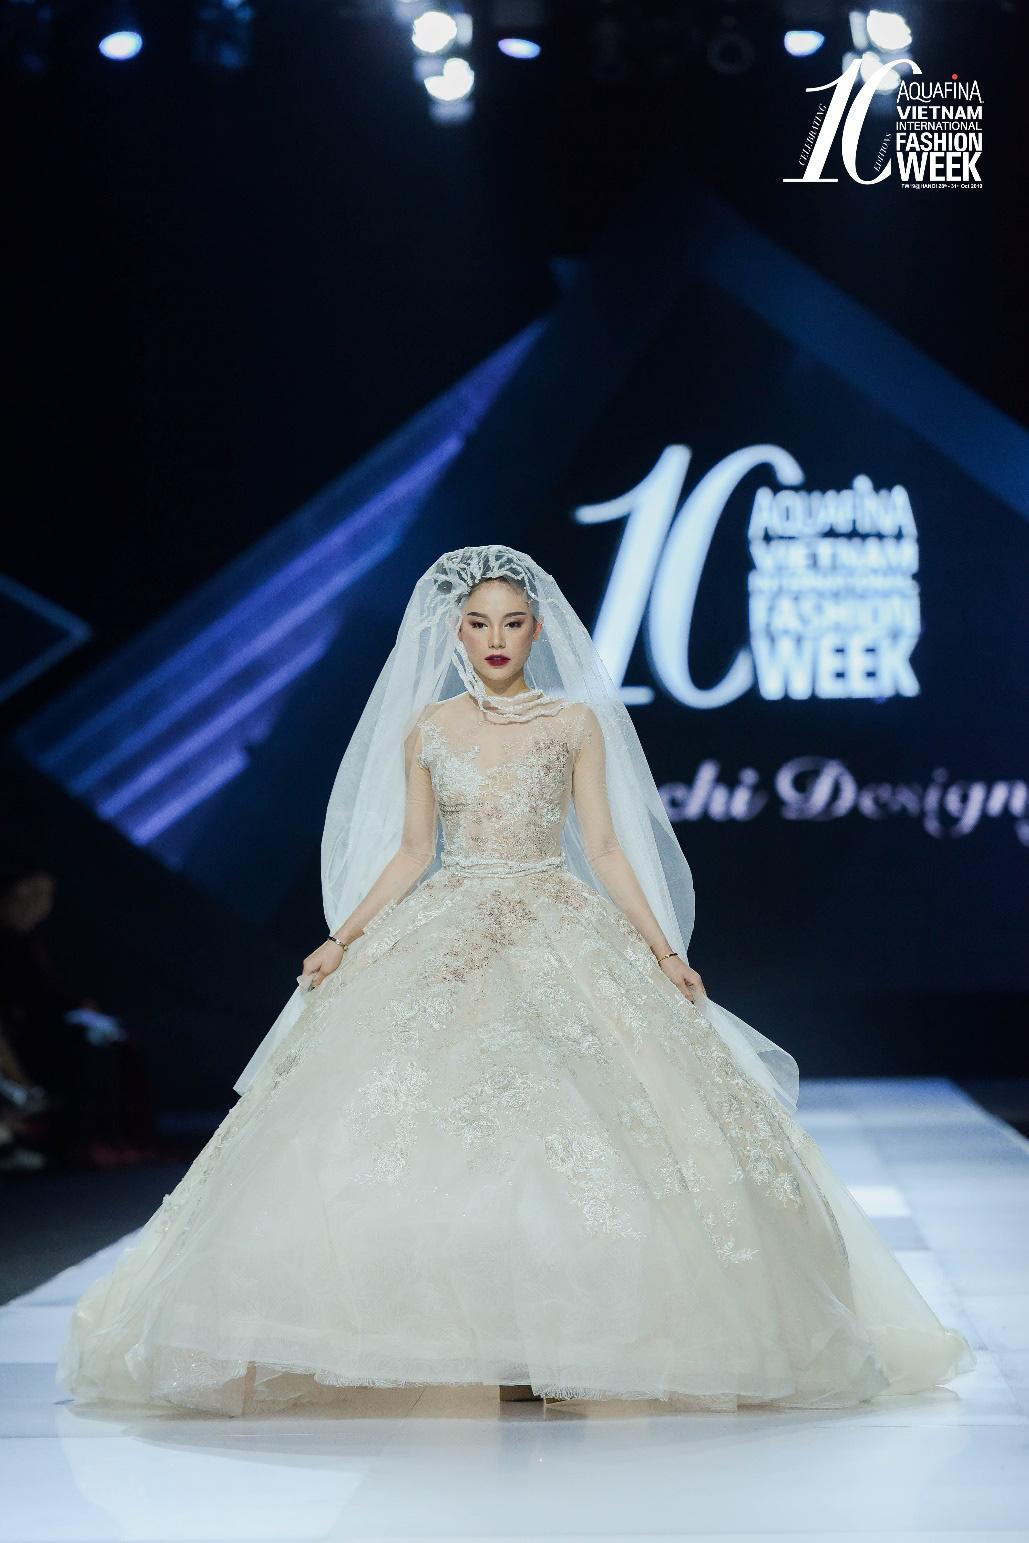 """Điểm sáng khiến giới mộ điệu """"trầm trồ"""" tại Tuần lễ Thời trang Quốc tế Việt Nam 2019 - Ảnh 2."""